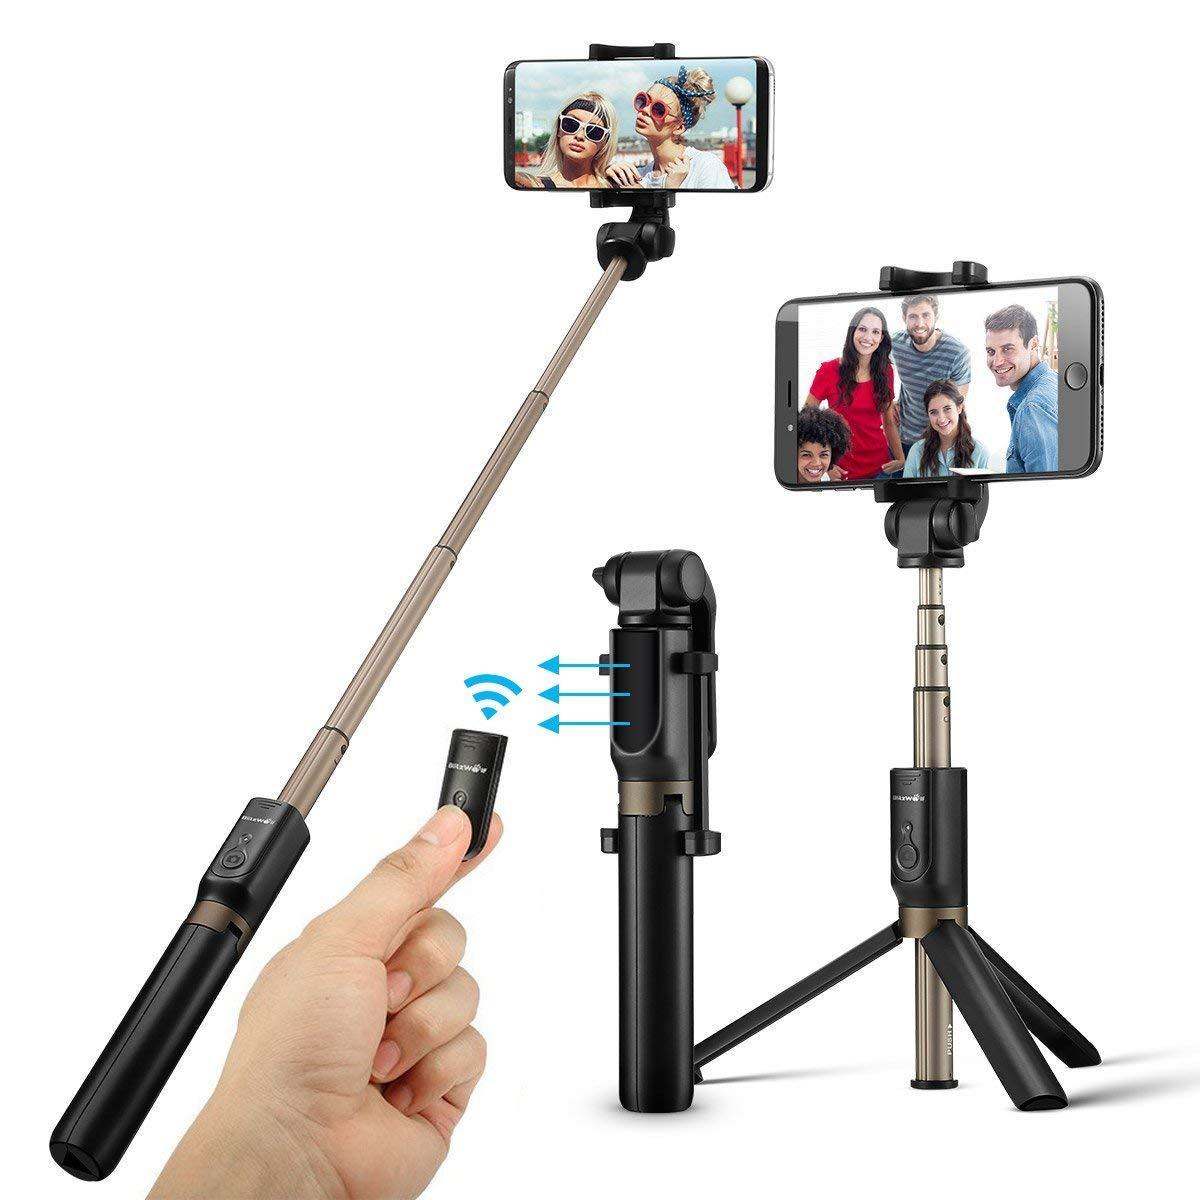 d0b35f35cf4 Palo Selfie Trípode con Control Remoto para iPhone 6 6s 7 7plus Android  Samsung Galaxy de